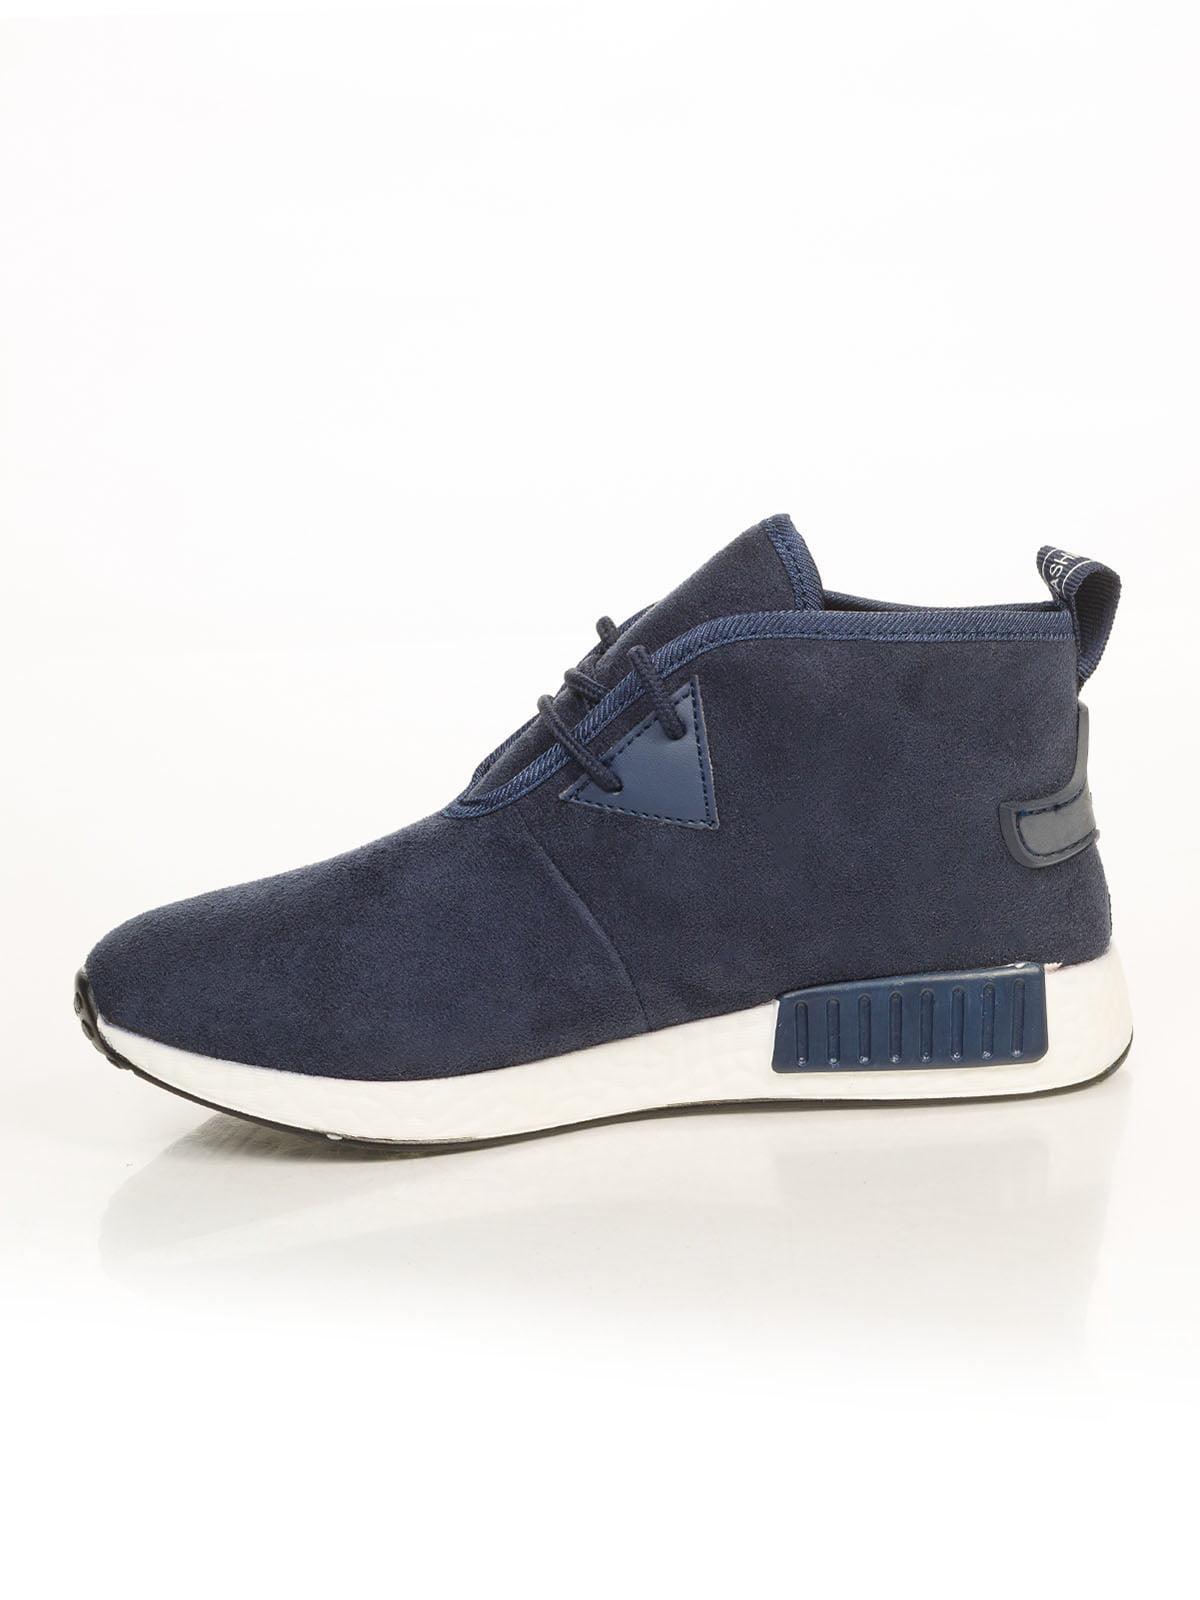 Кроссовки синие | 4879736 | фото 2